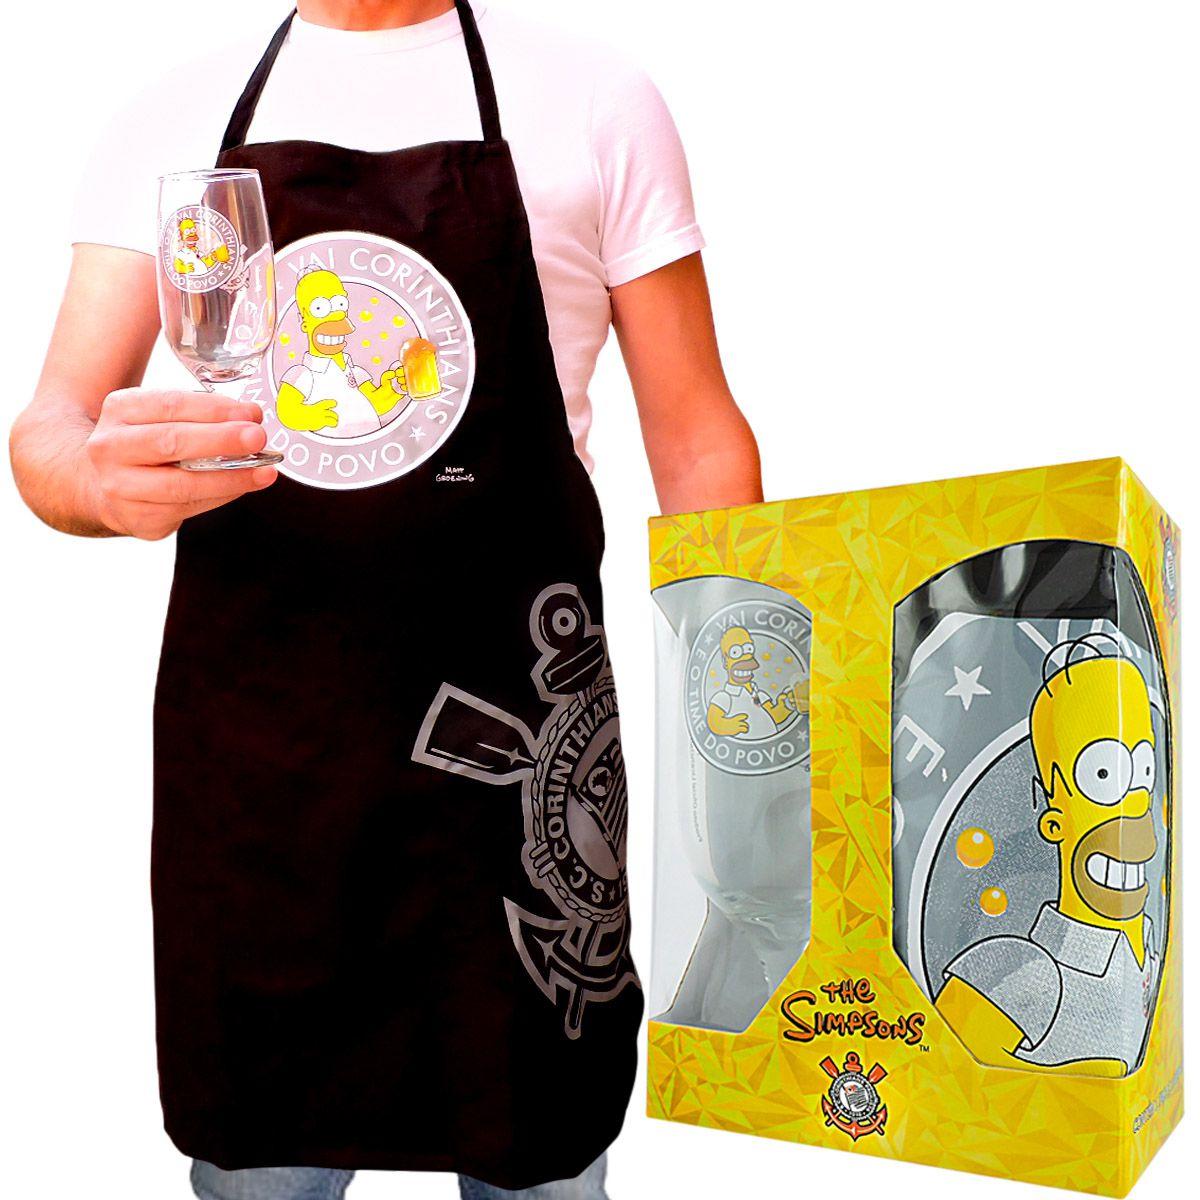 Avental com Taça Homer Simpsons Corinthians Timão